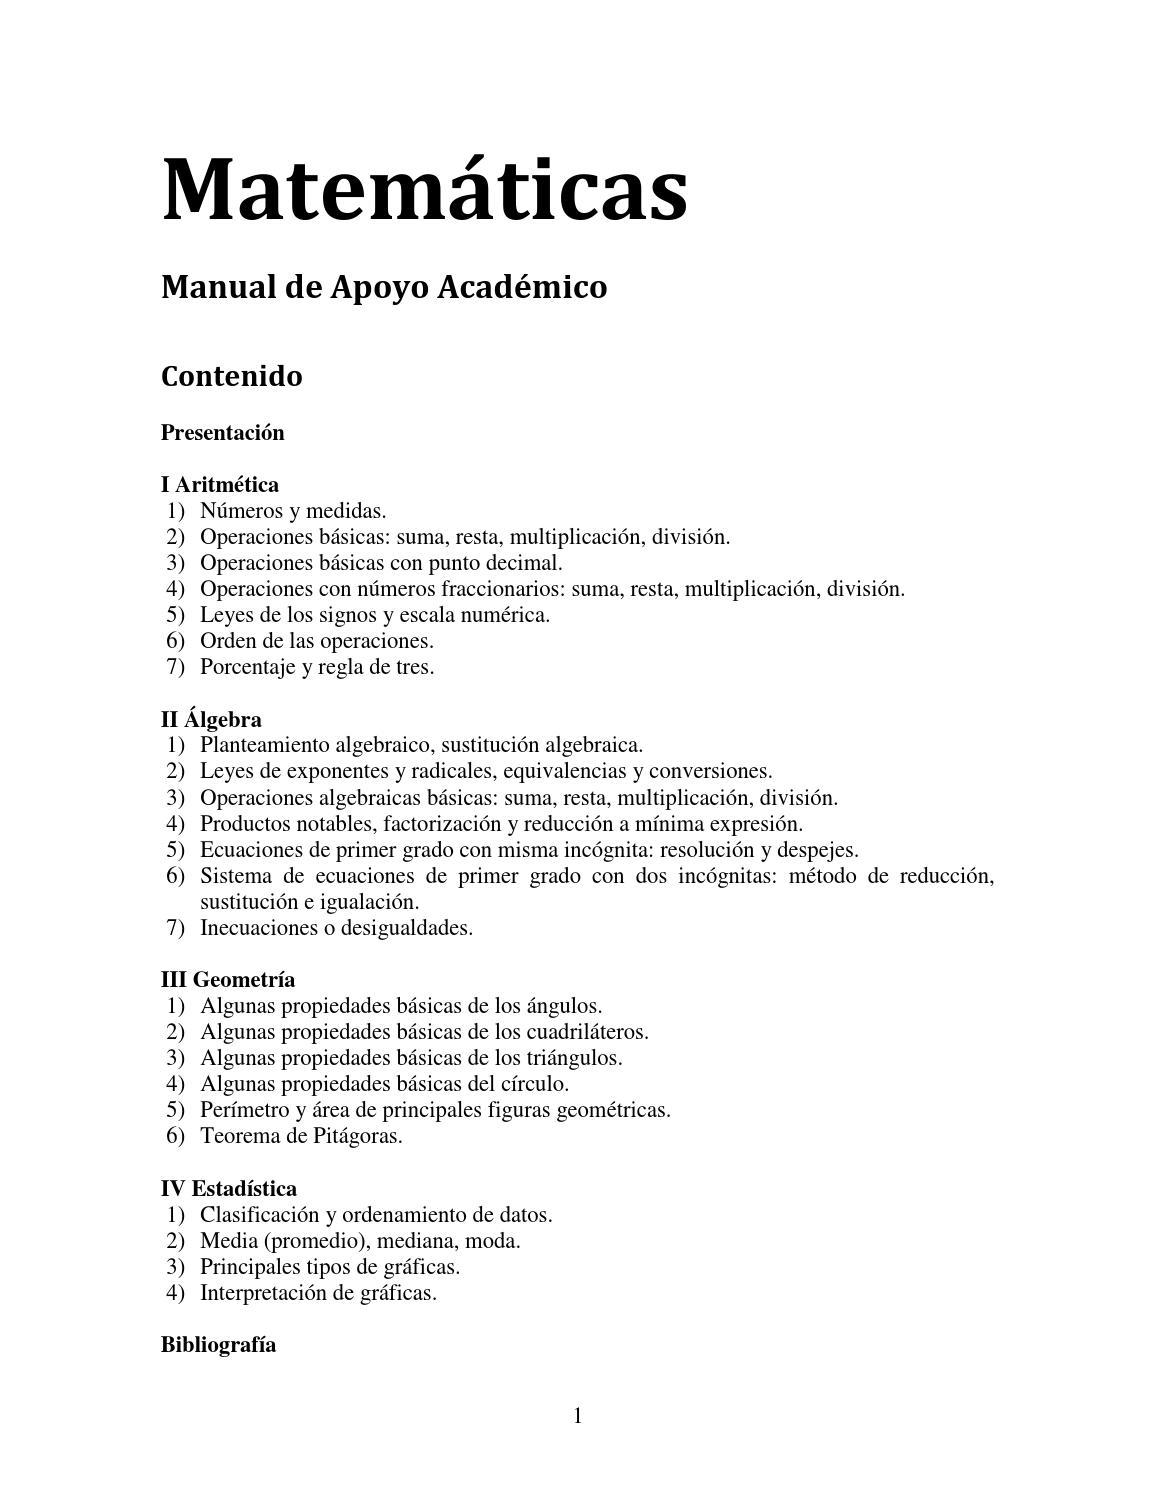 Manual matem ticas by estudiantes ind genas issuu for Manual operaciones basicas de cocina